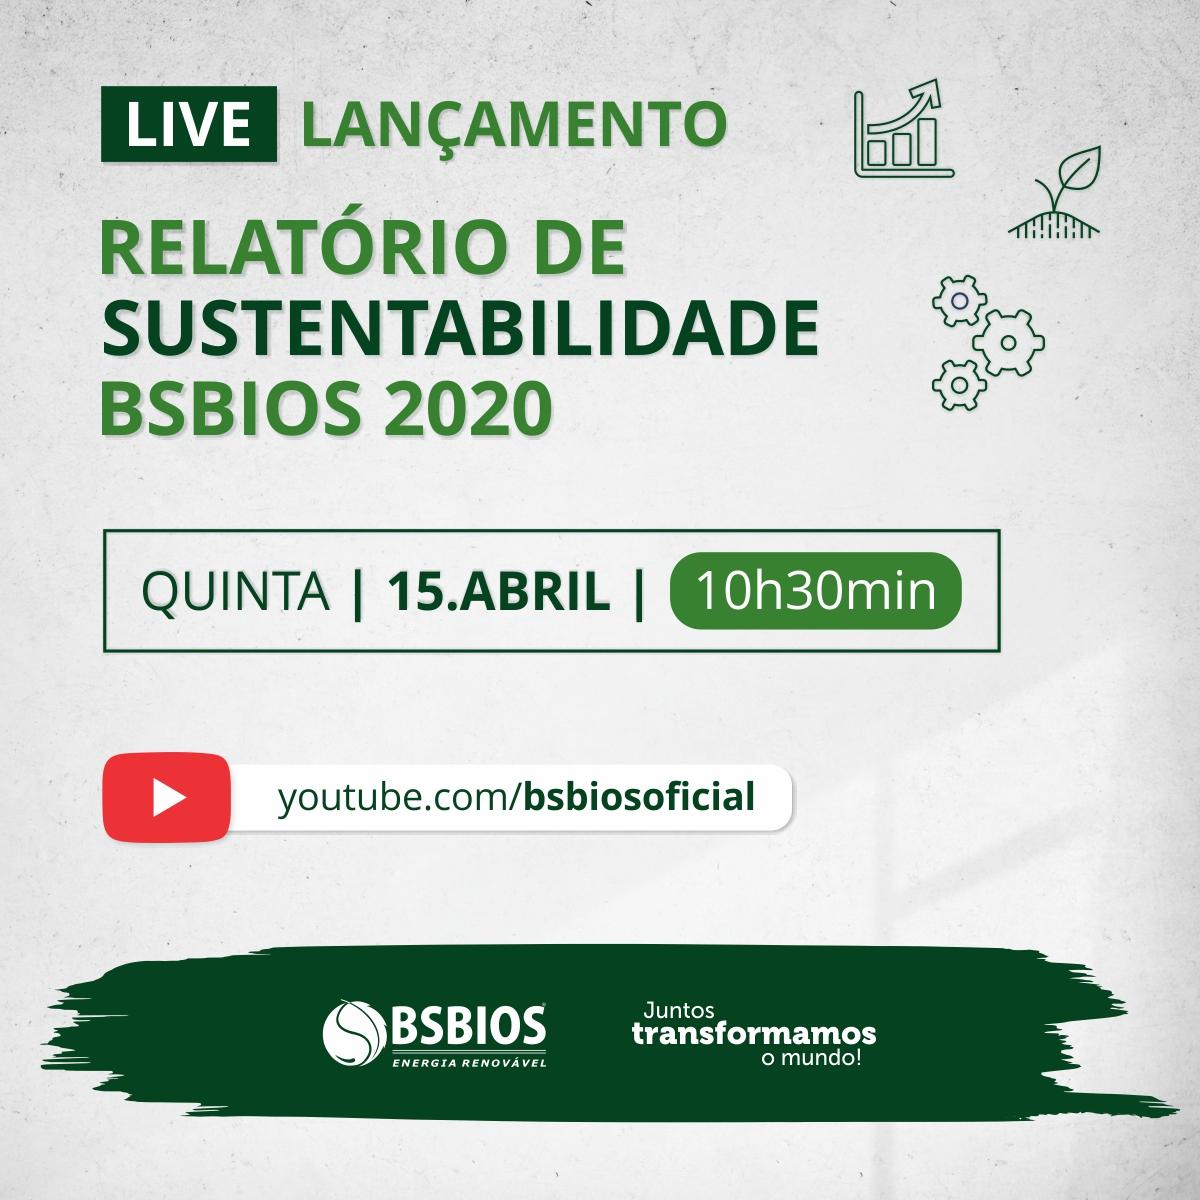 Live Lançamento RS 2020